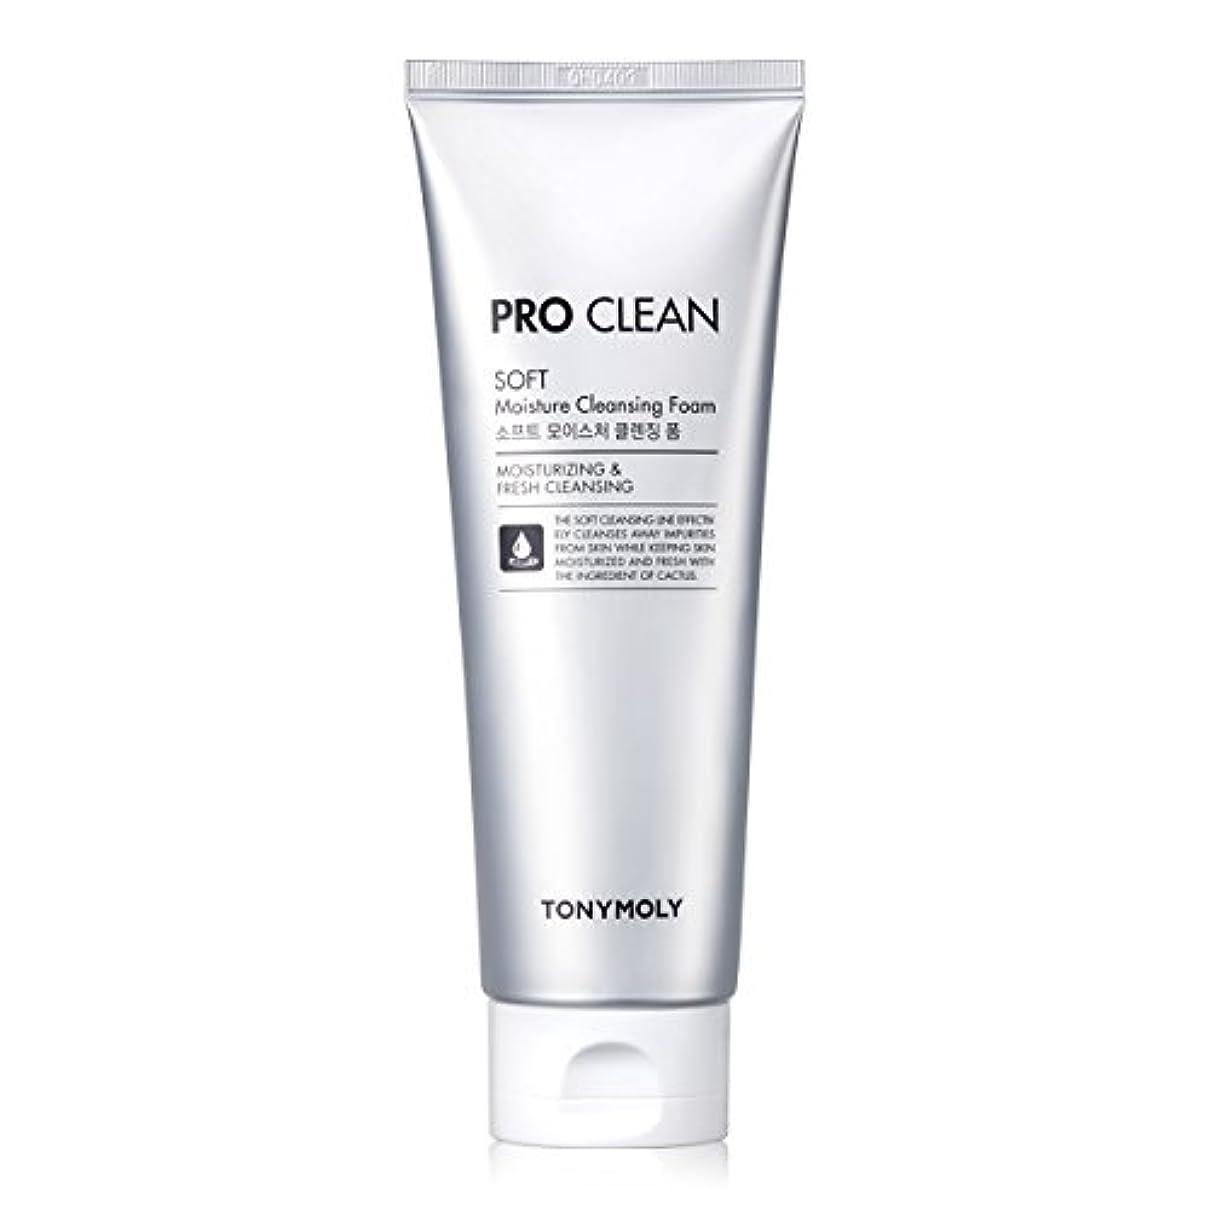 パーセントマークされた科学[New] TONYMOLY Pro Clean Soft Moisture Cleansing Foam 150ml/トニーモリー プロ クリーン ソフト モイスチャー クレンジングフォーム 150ml [並行輸入品]